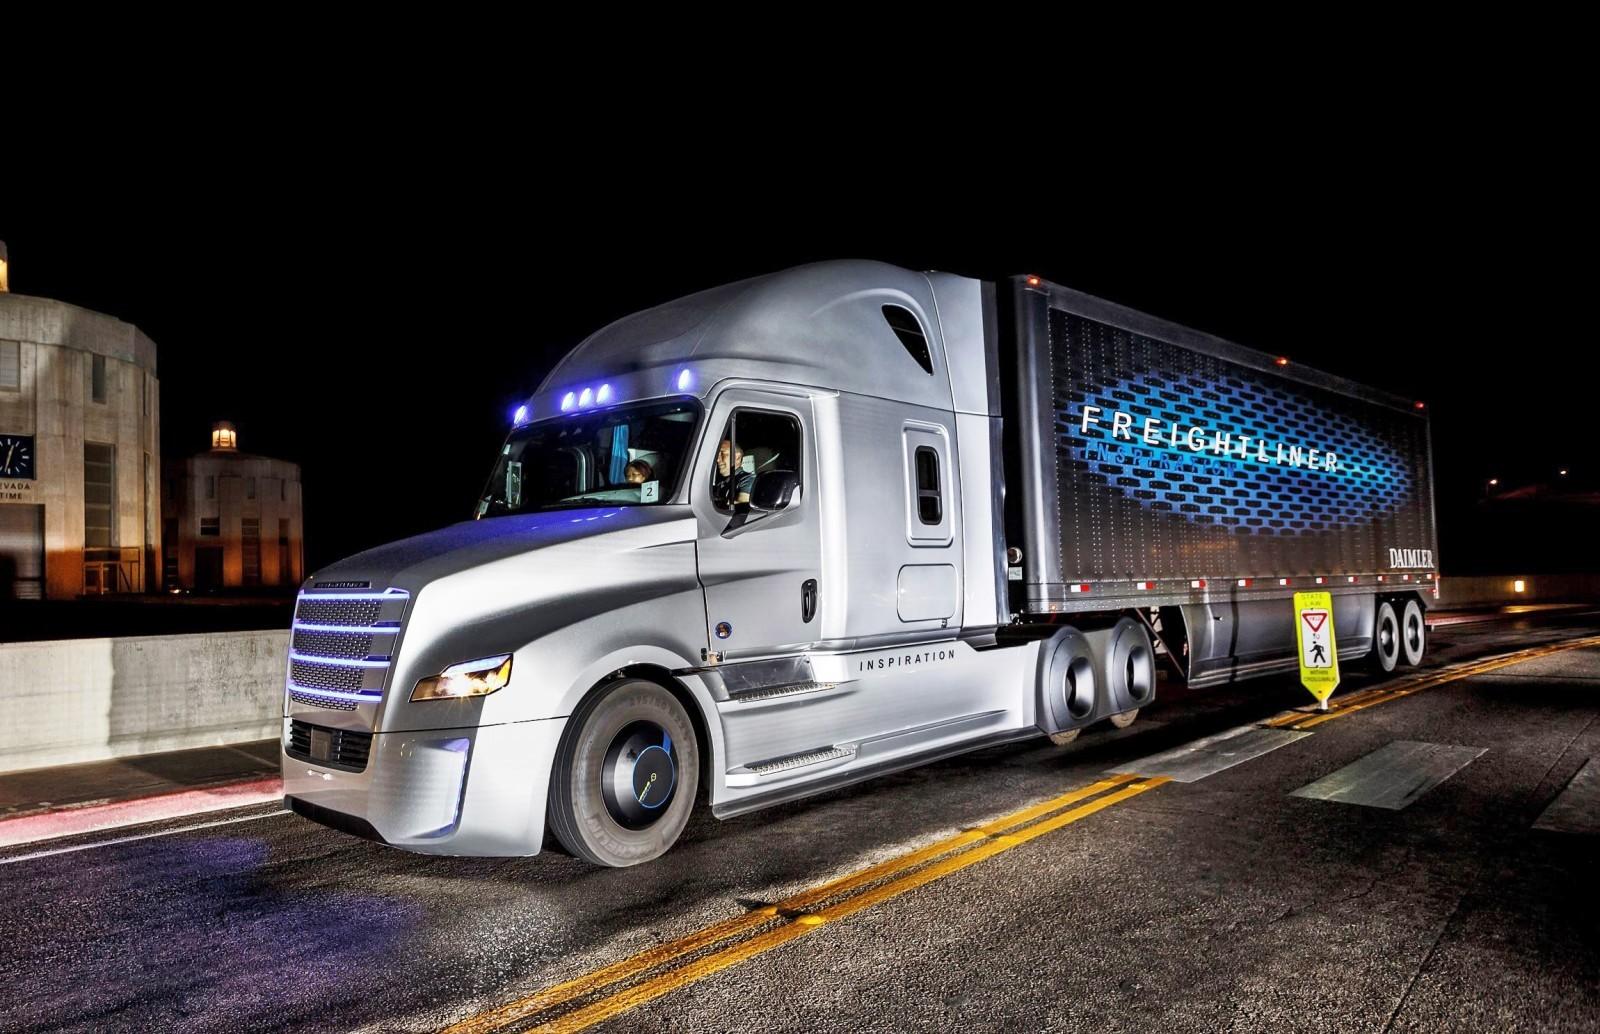 2015 freightliner inspiration truck concept. Black Bedroom Furniture Sets. Home Design Ideas